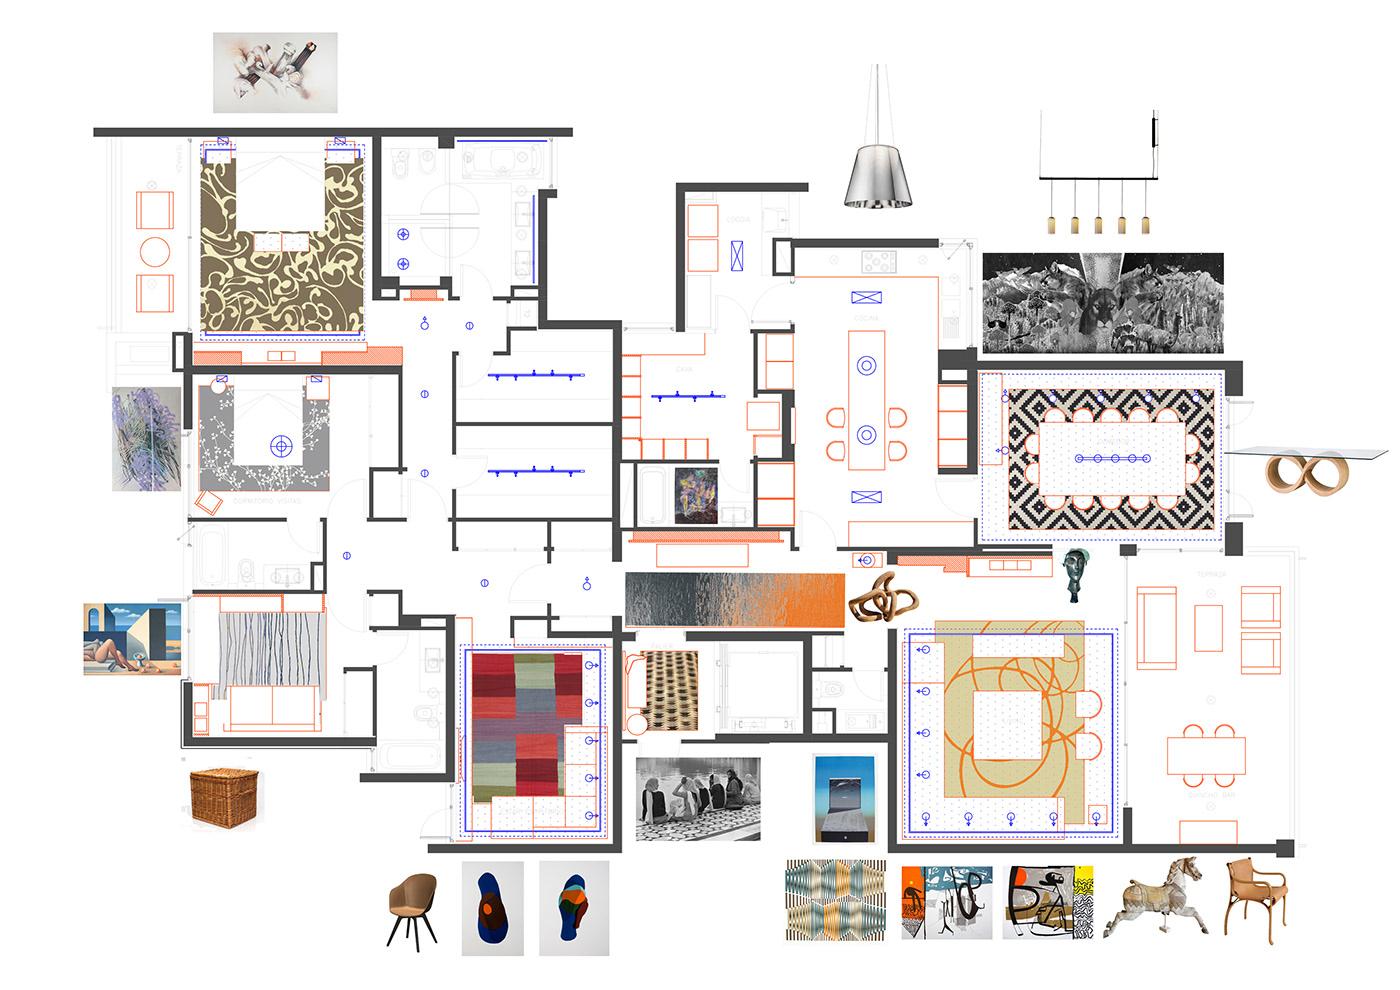 remodelación departamento mobiliario habilitacion interior REMODELACION INTERIOR diseño de iluminacion iluminacion led led furniture interior design  MOBILIARIO INCORPORADO